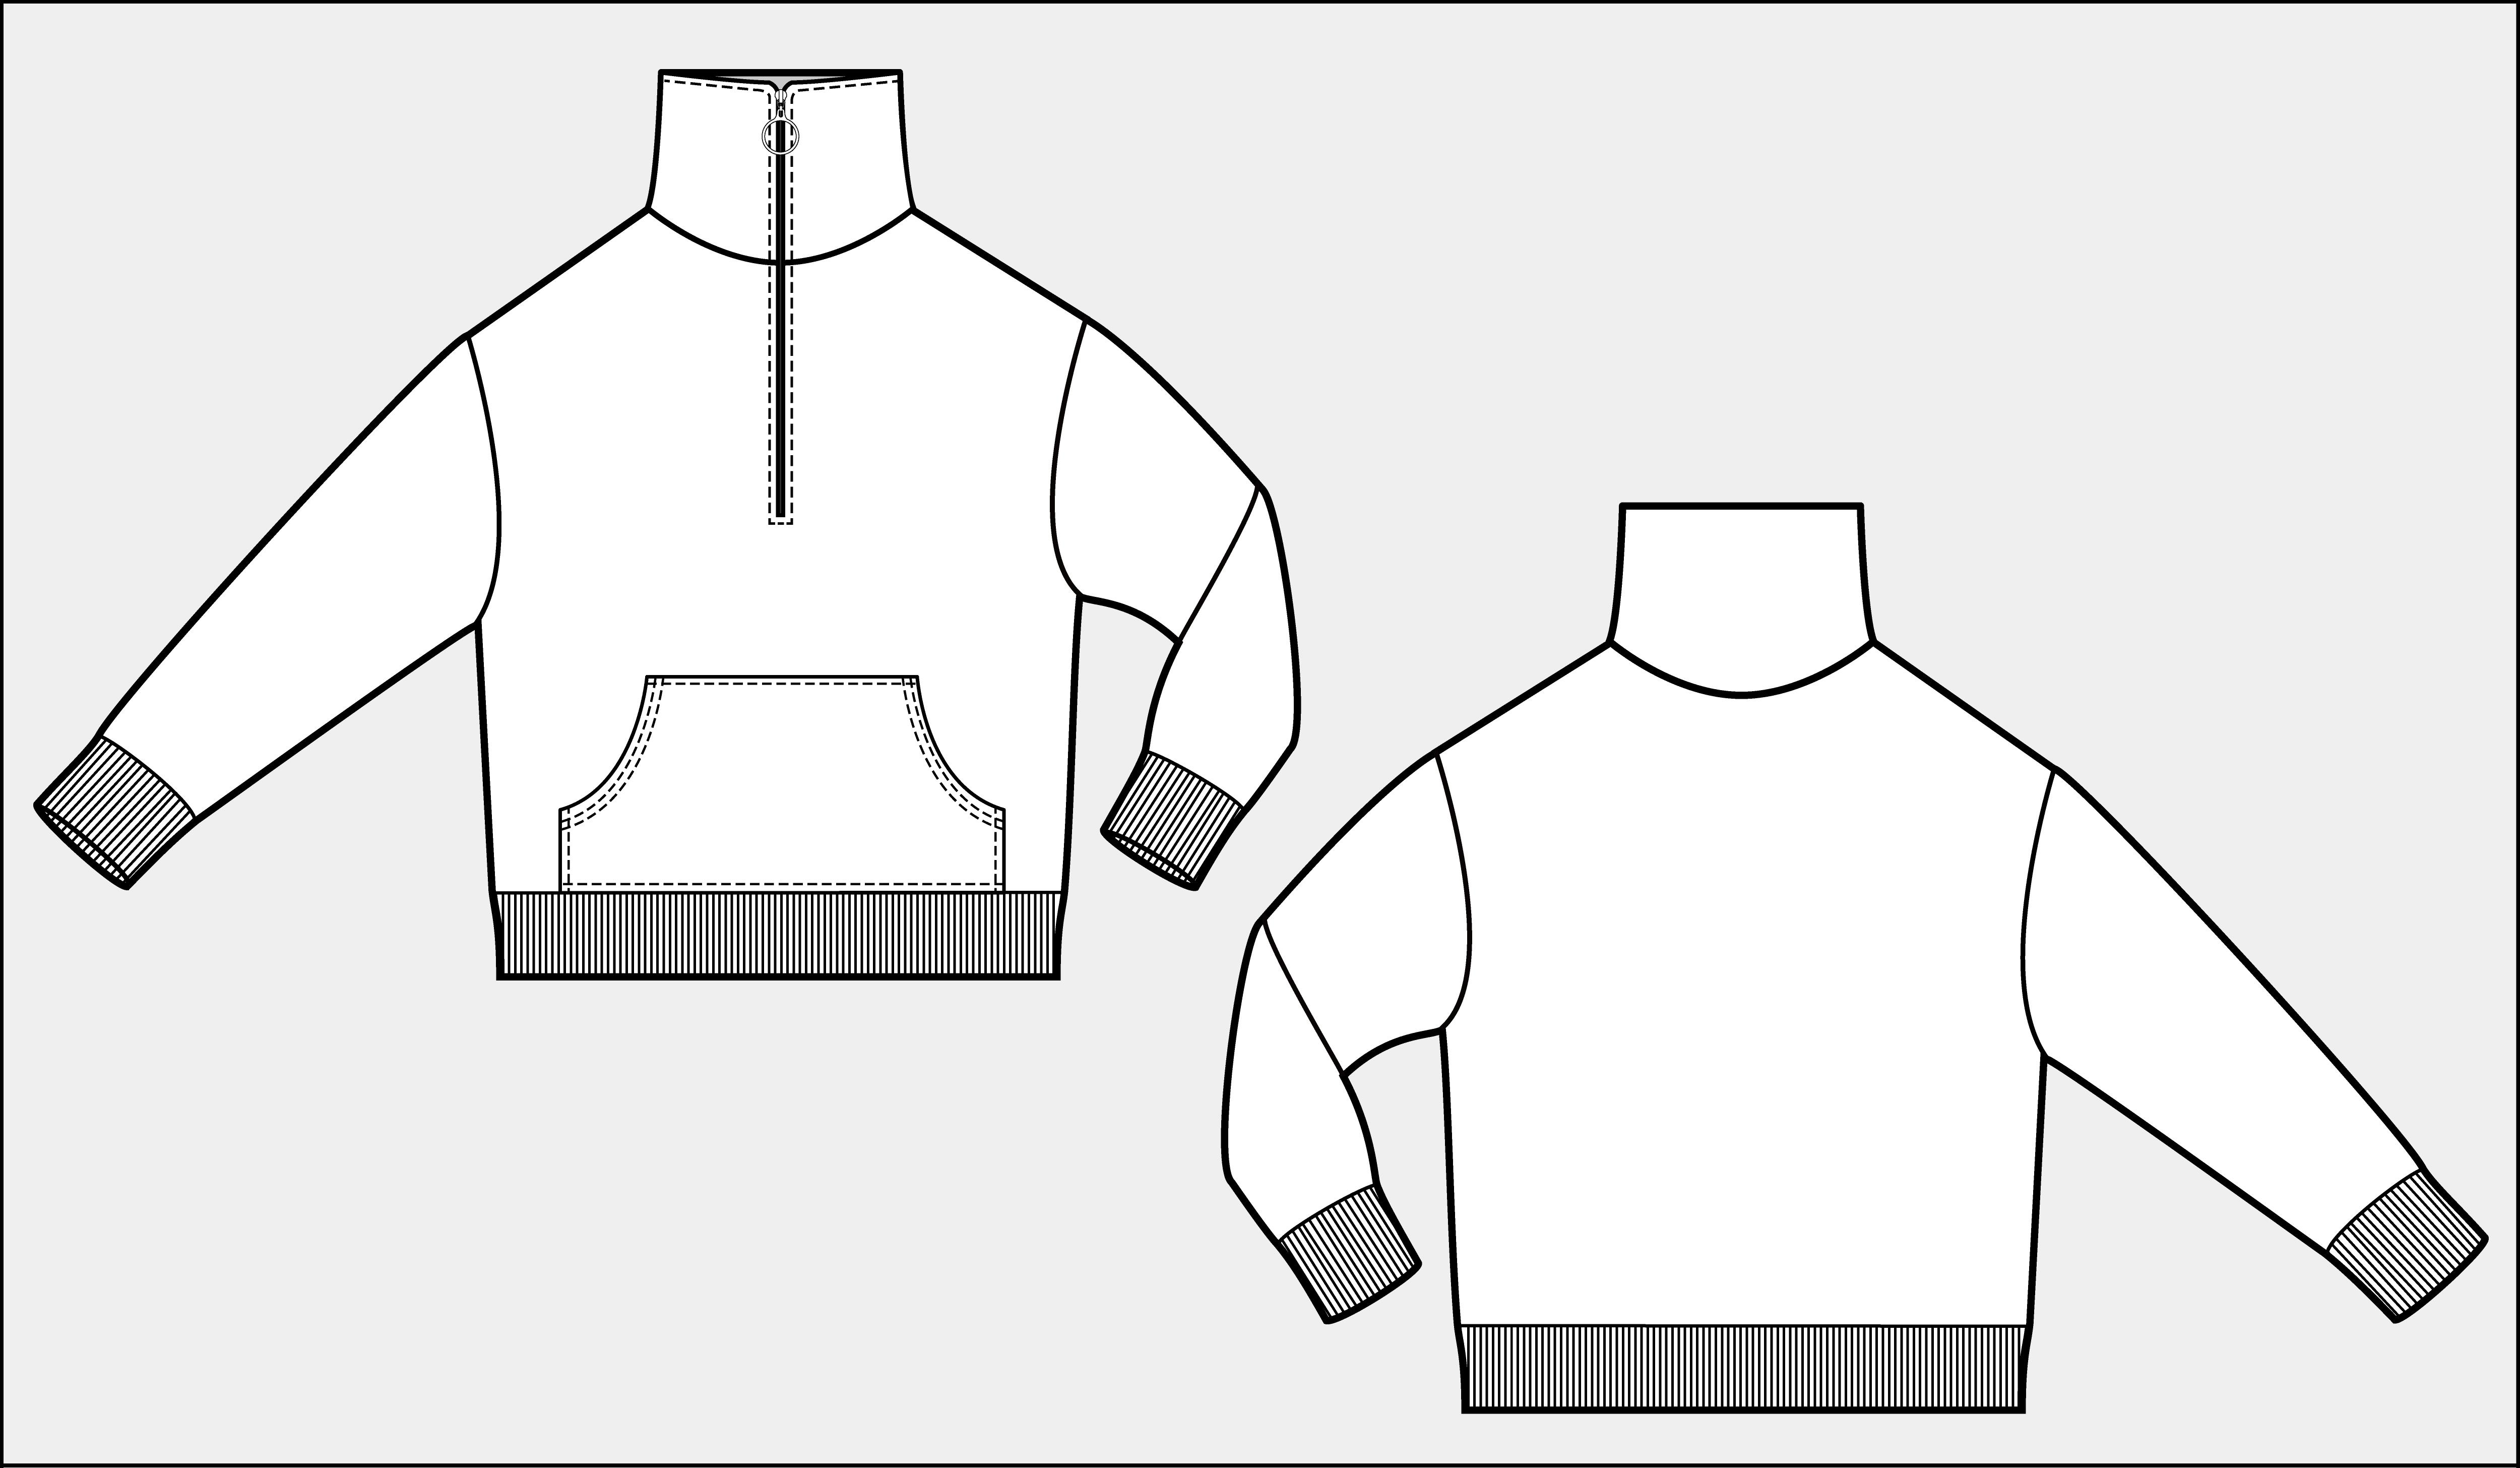 vector tracktop